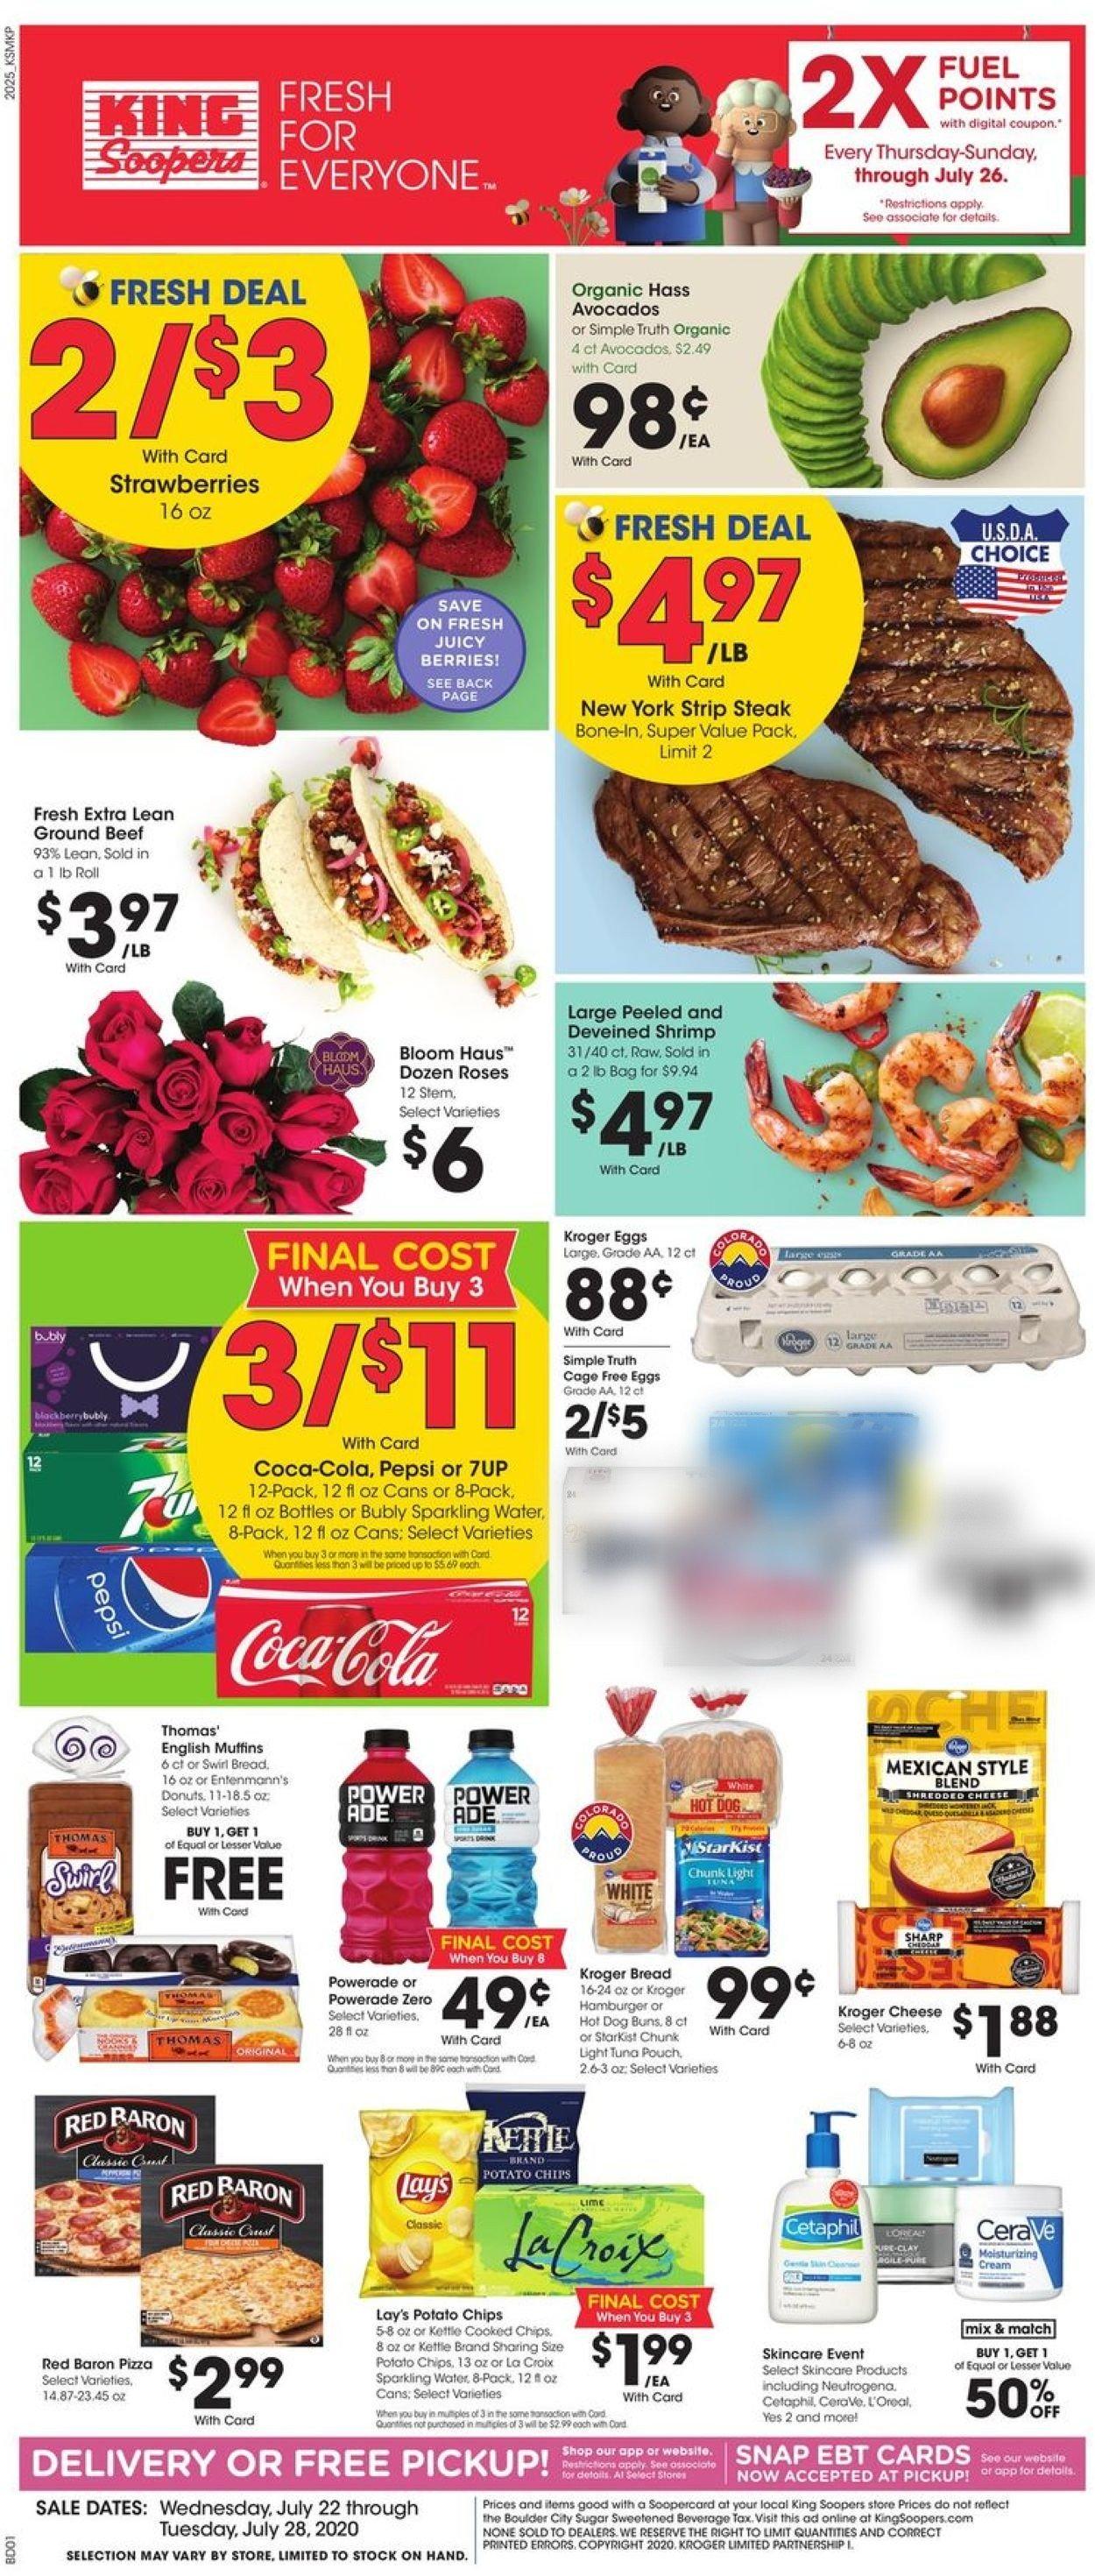 King Soopers Weekly Ad Circular - valid 07/22-07/28/2020